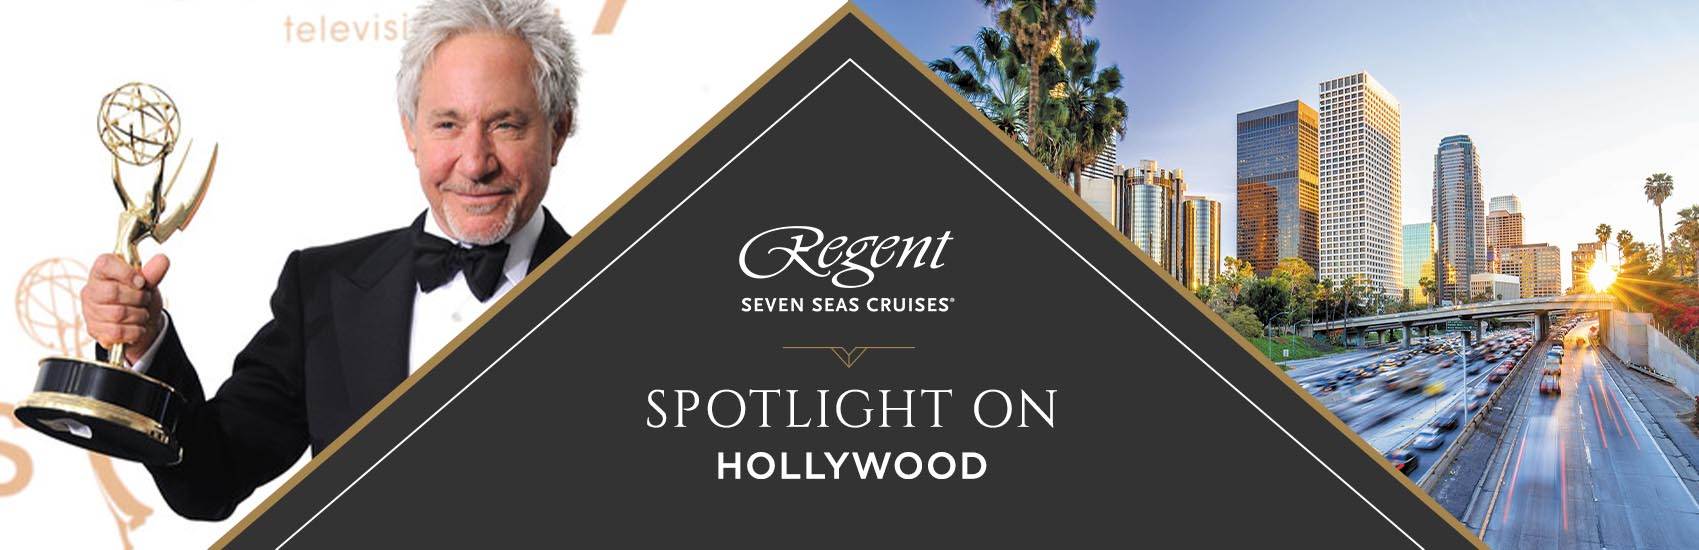 Se retrouver et célébrer avec Regent Seven Seas Cruises 2